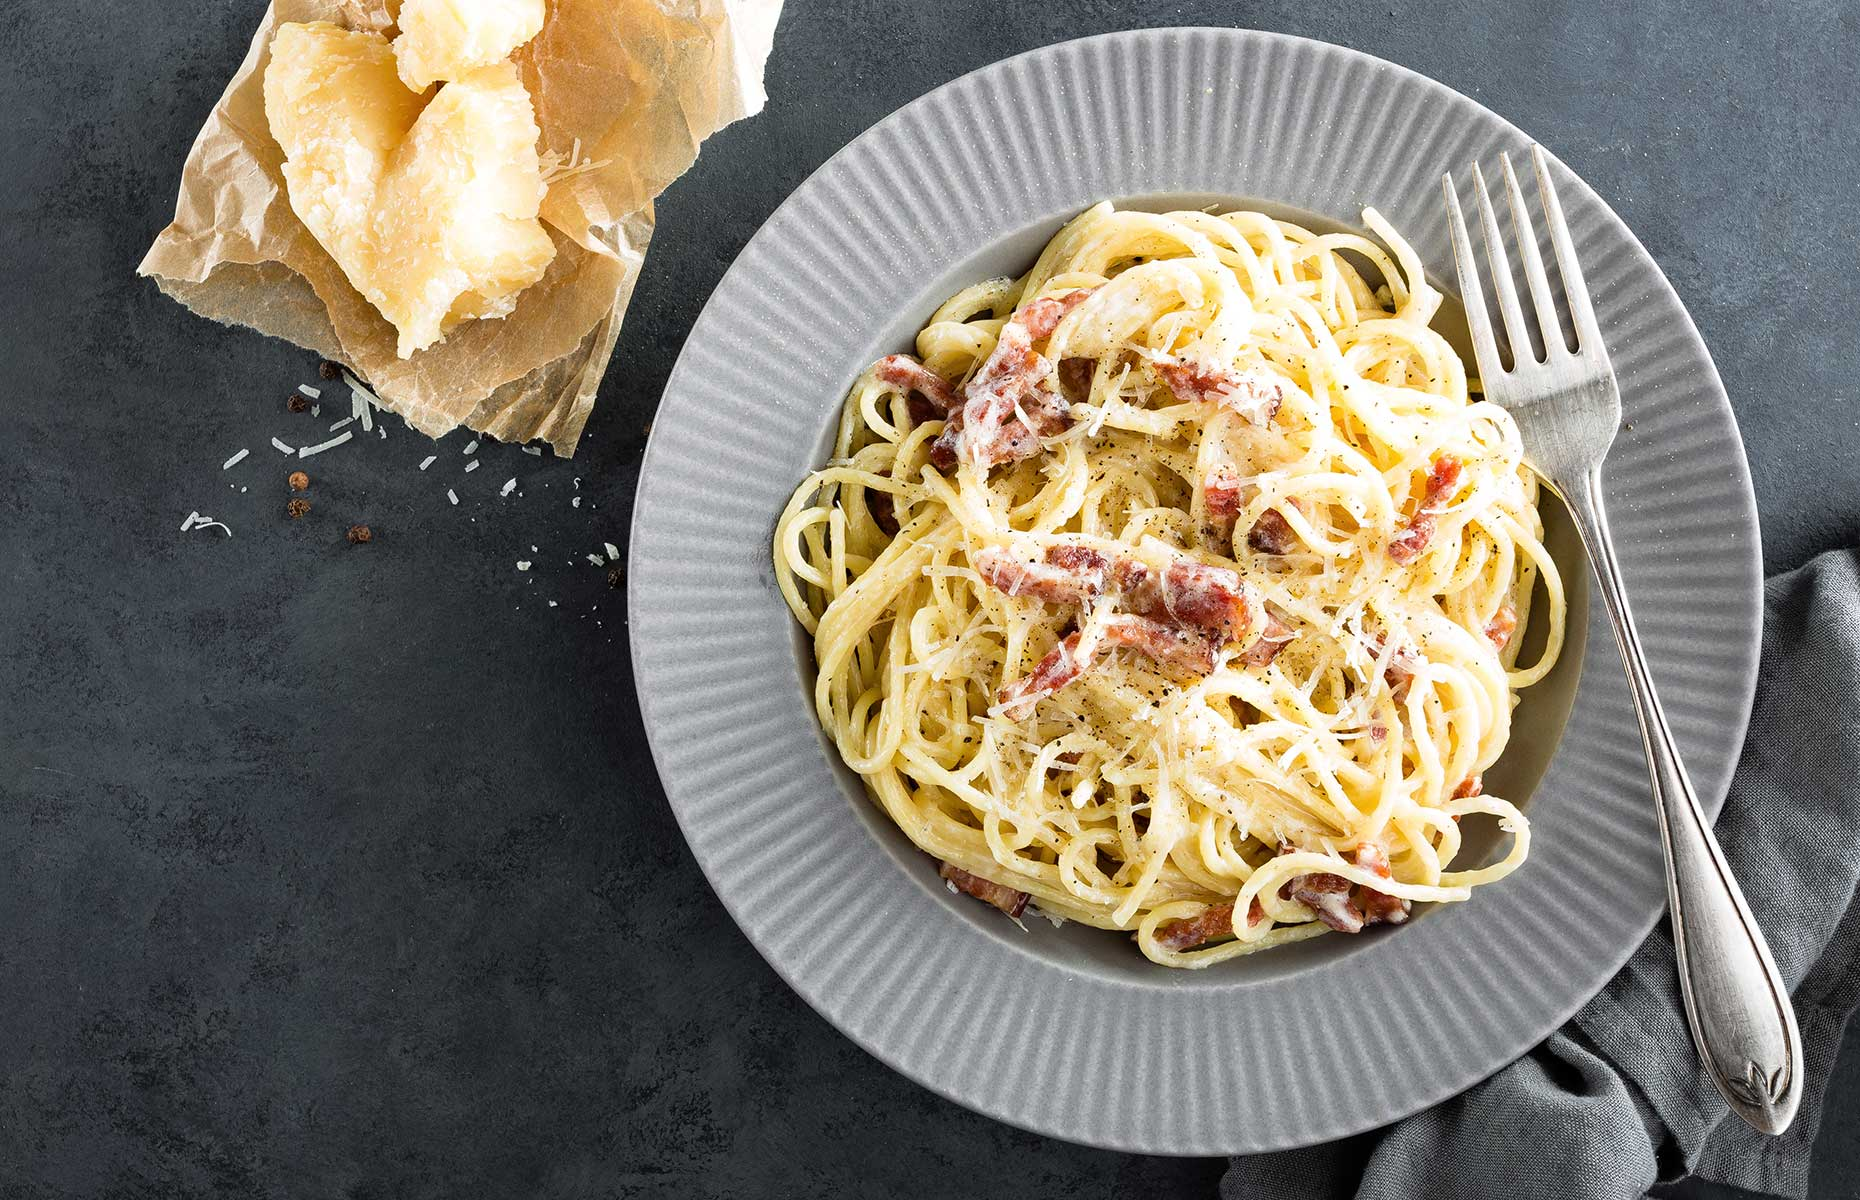 Carbonara with fresh homemade pasta